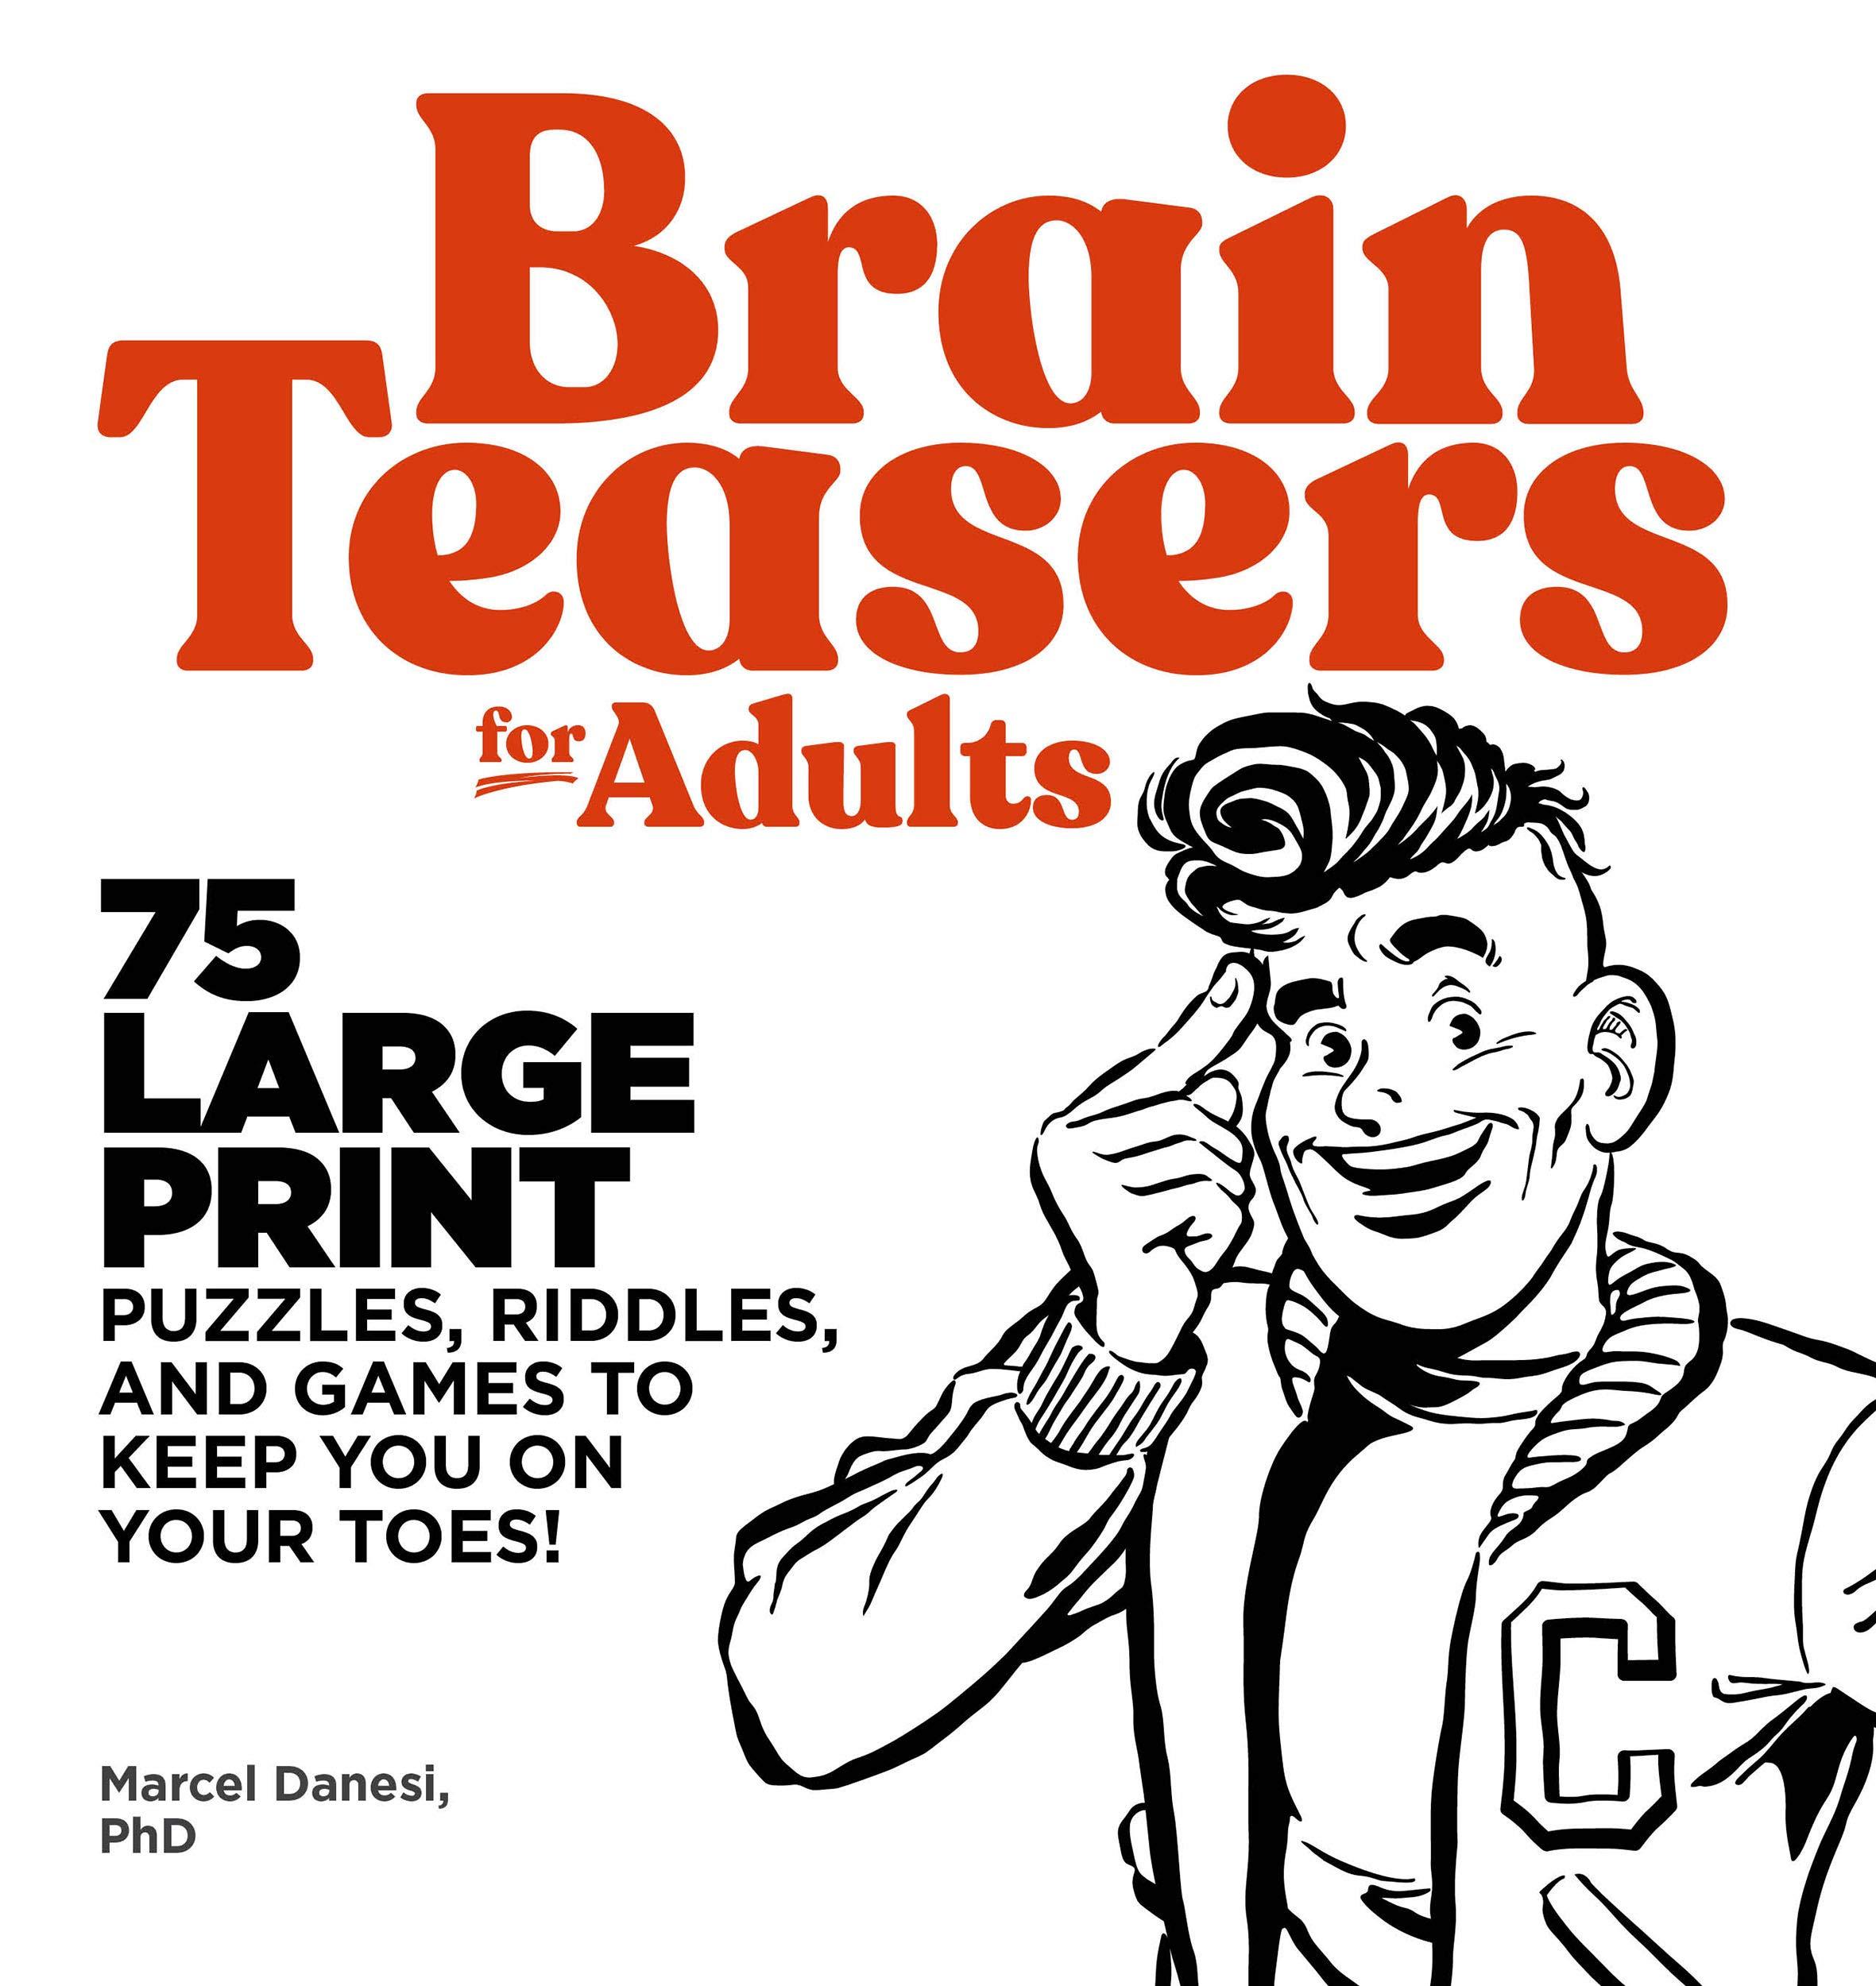 Adult teasers